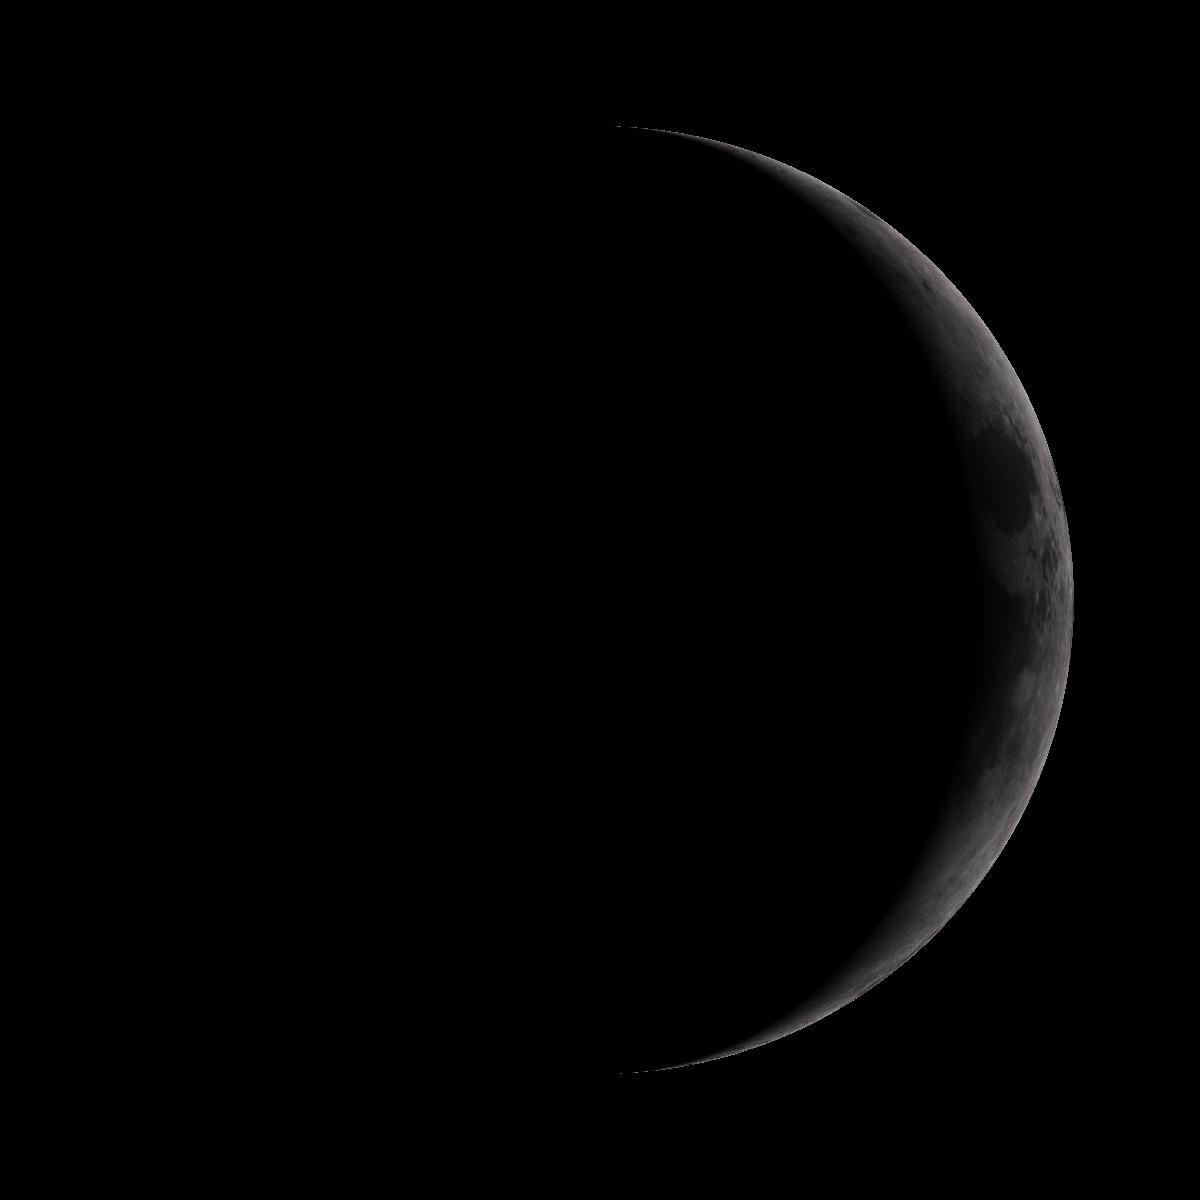 Lune du 8 mai 2019